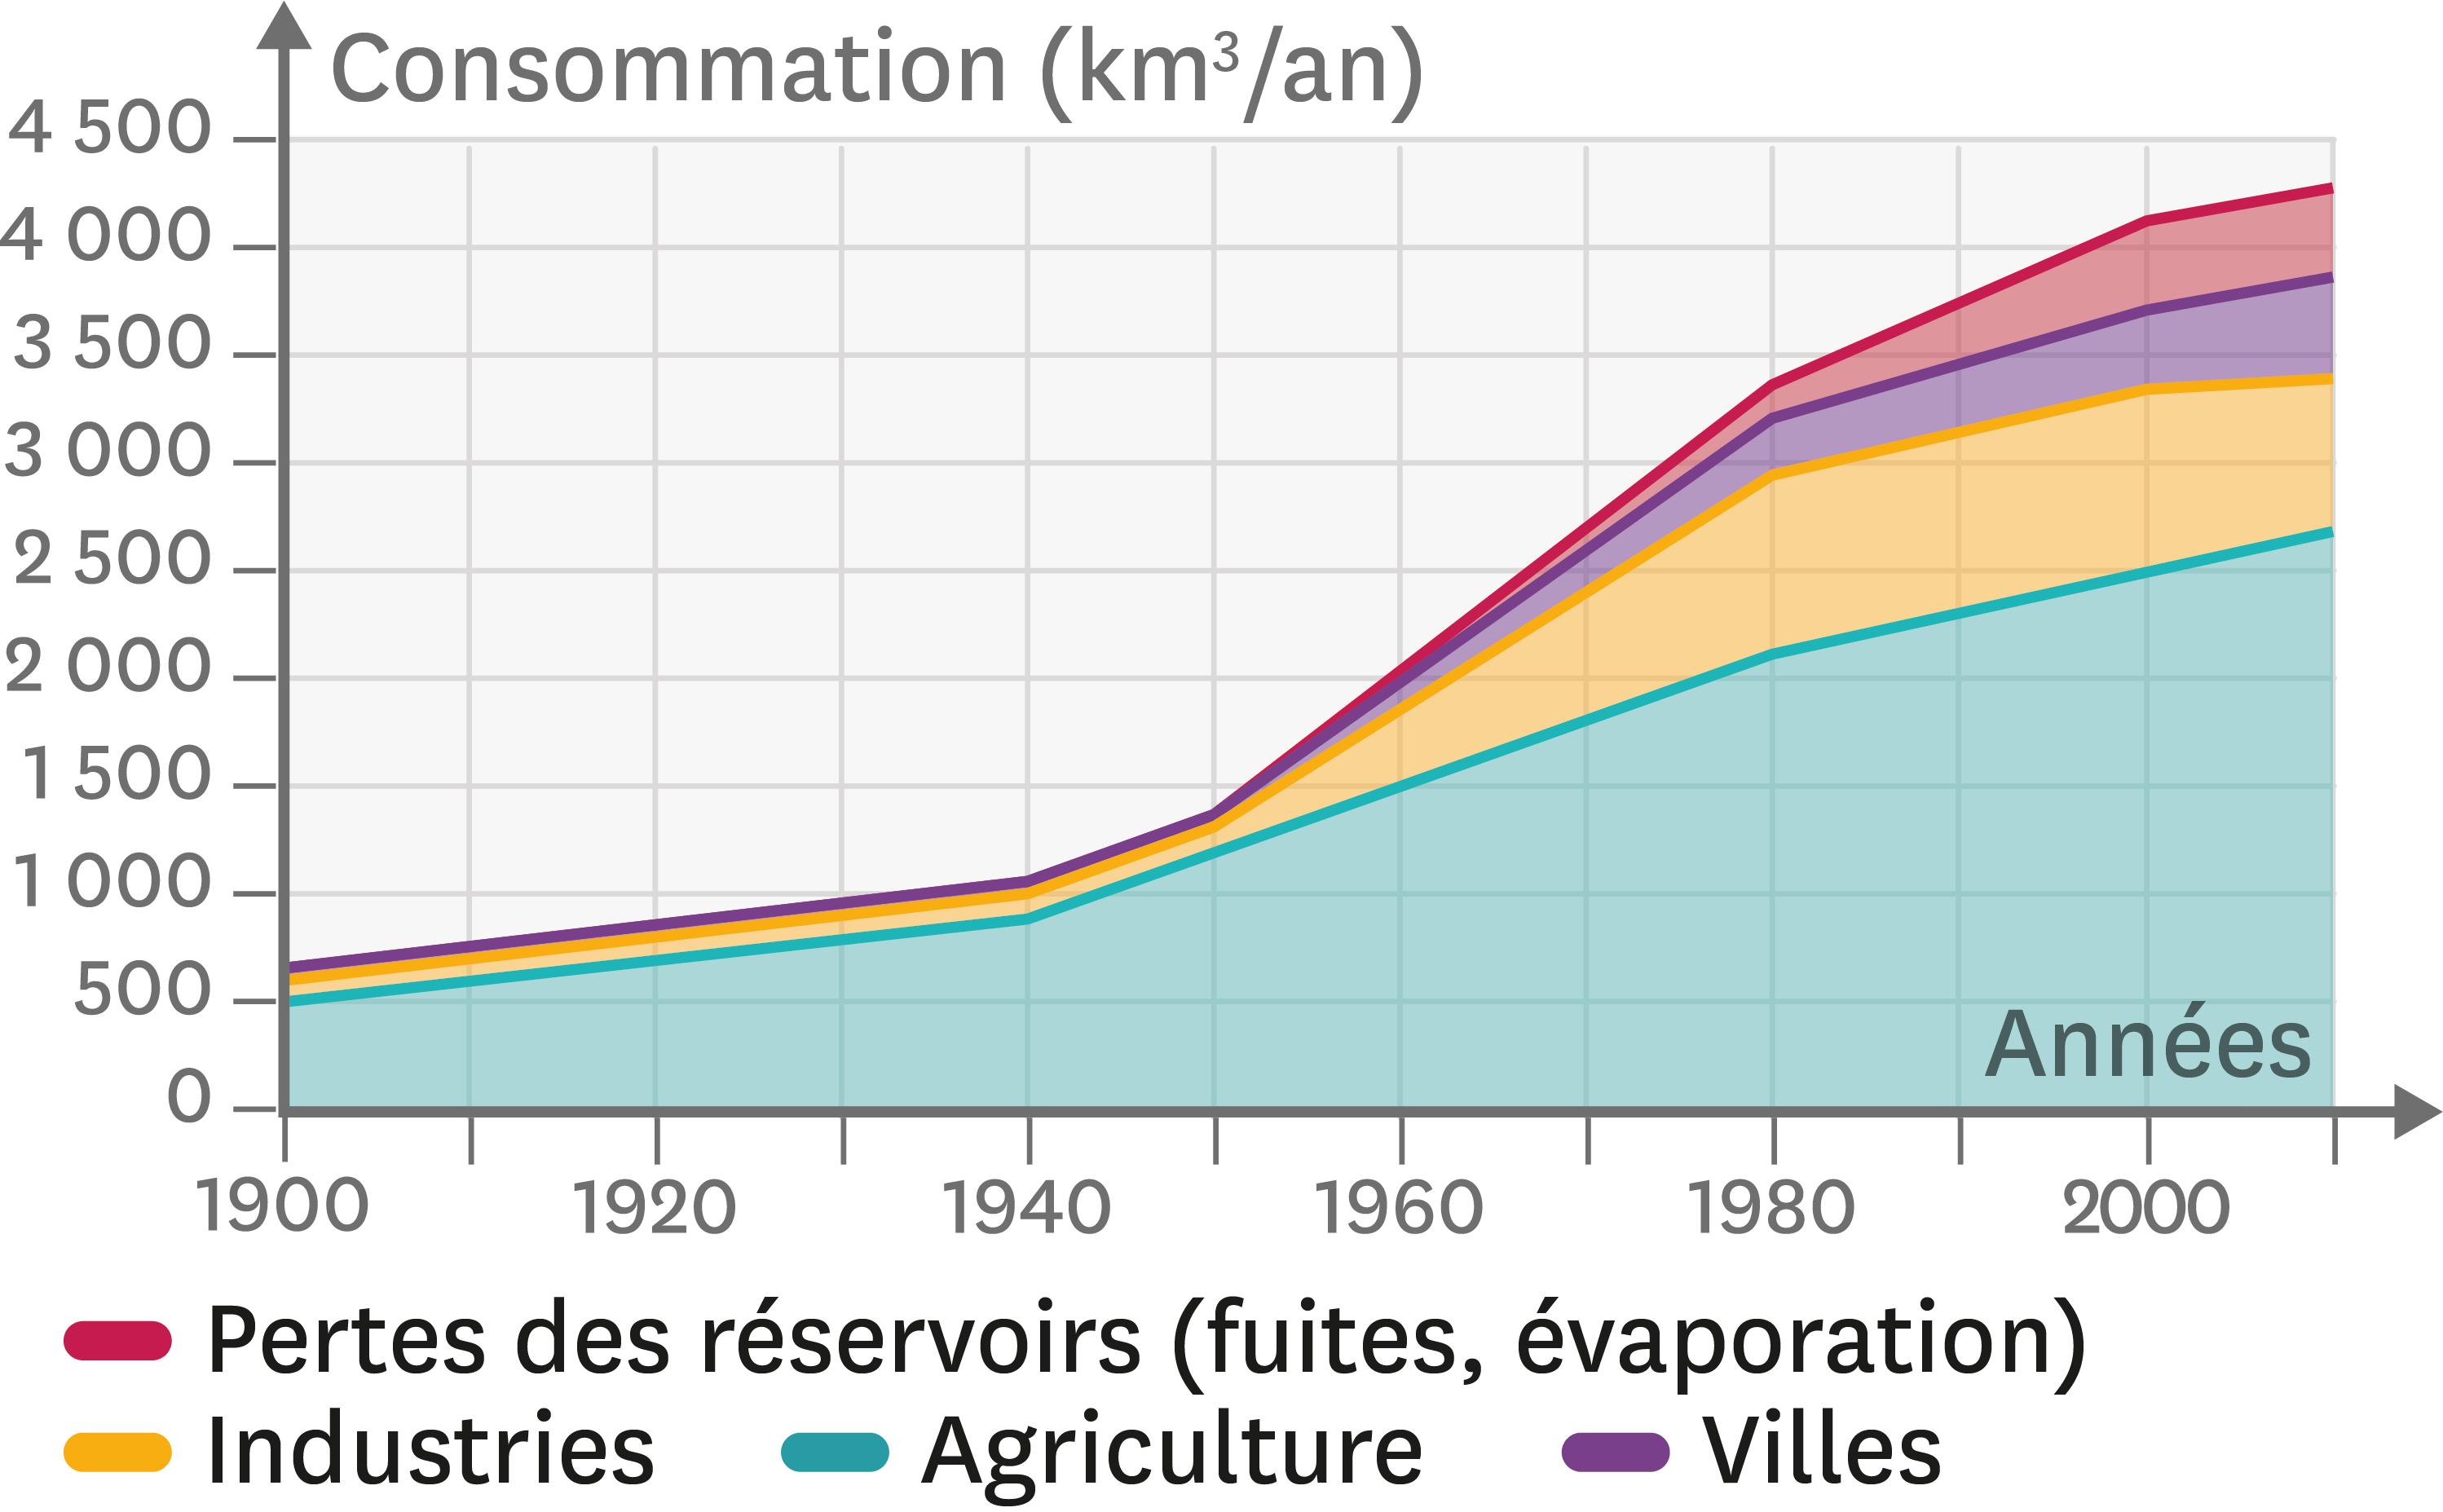 Les utilisations de l'eau dans le monde entre 1900 et 2010.